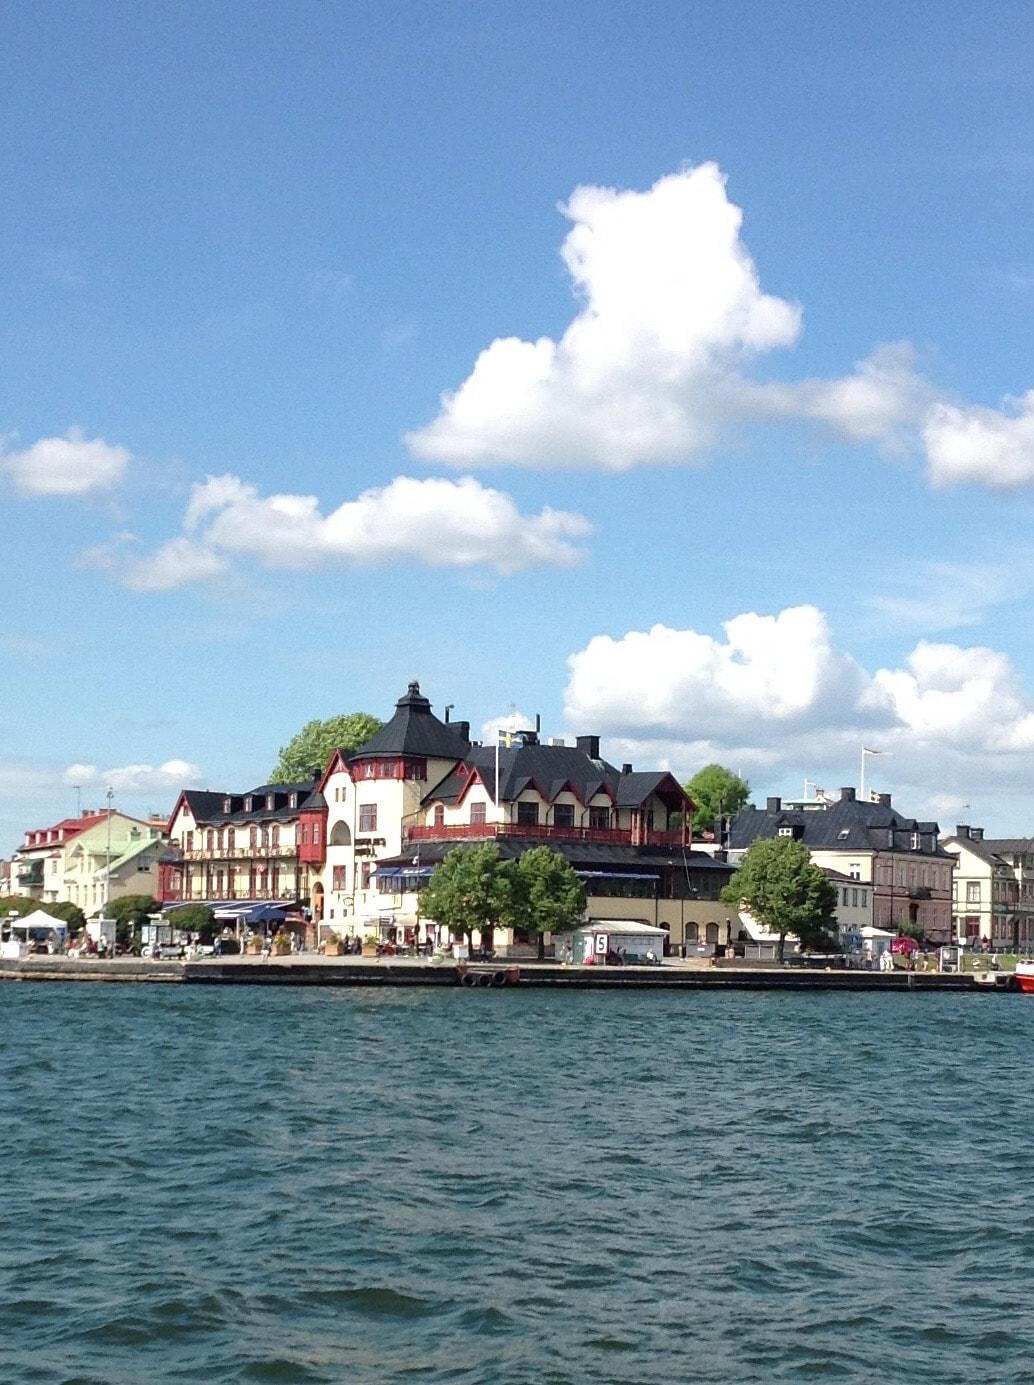 B&B in Stockholm archipelago